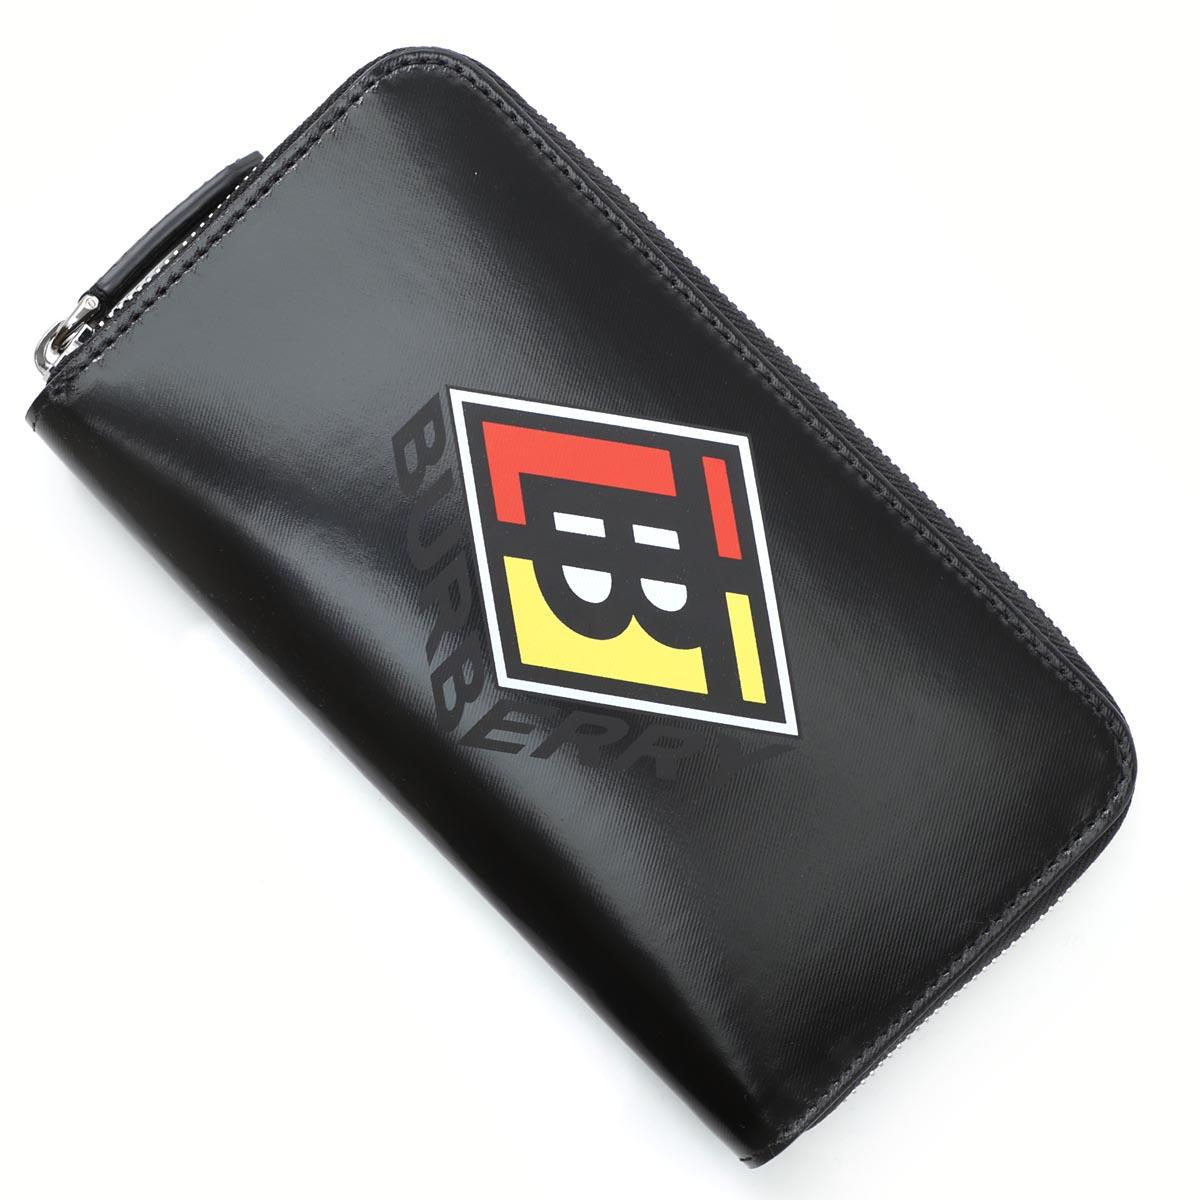 【アウトレット】バーバリー BURBERRY ラウンドファスナー 長財布 小銭入れ付き ブラック メンズ ギフト プレゼント 8021770 black【あす楽対応_関東】【返品送料無料】【ラッピング無料】[outnew]